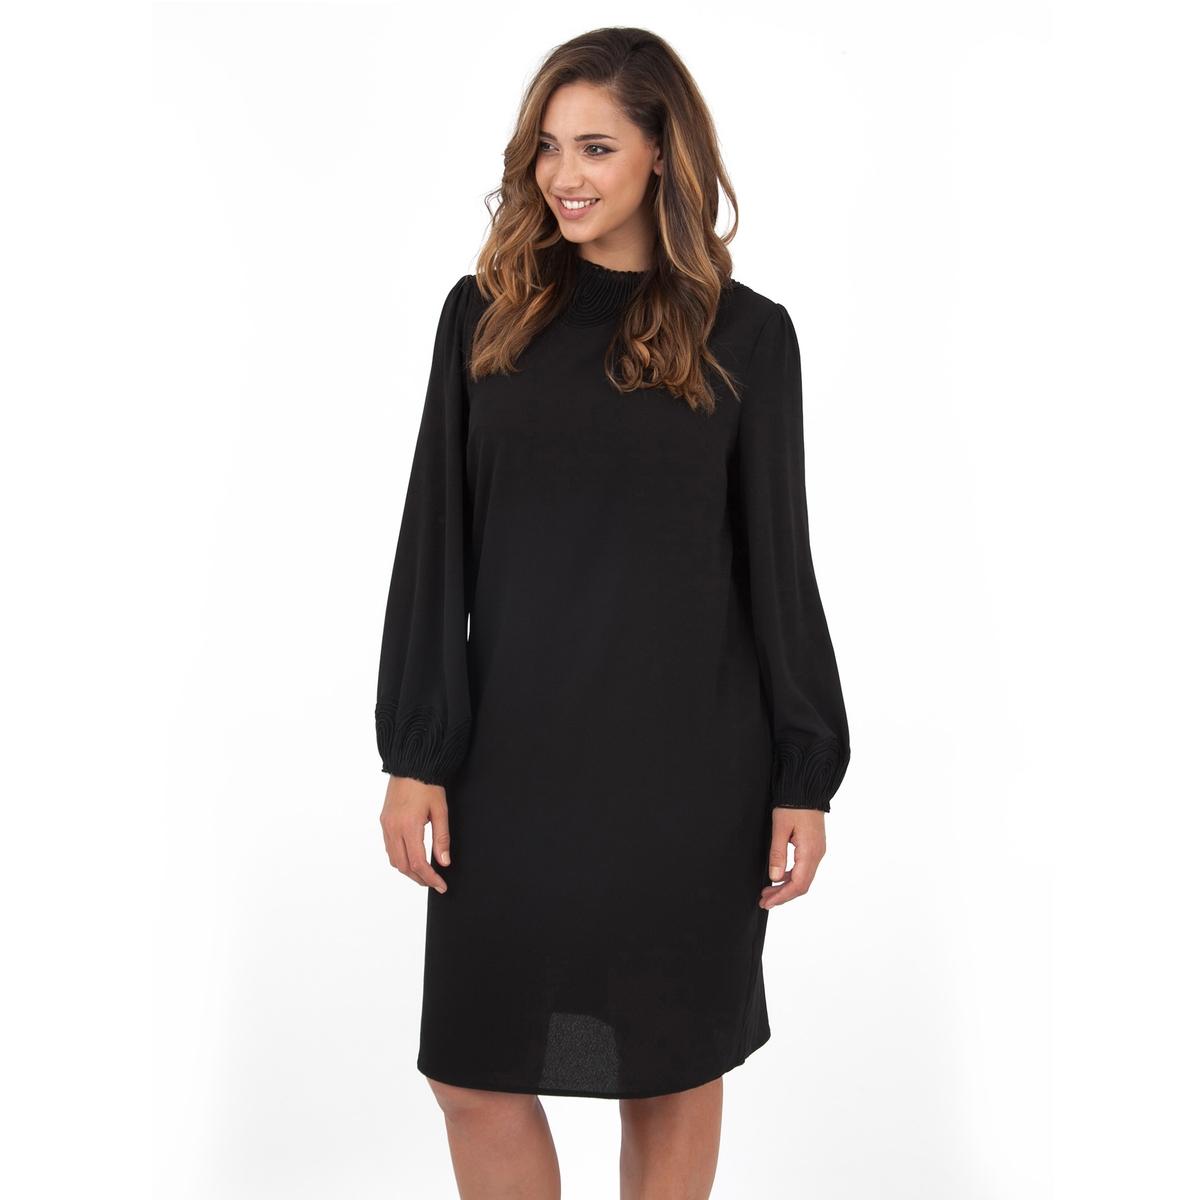 ПлатьеПлатье с длинными рукавами - LOVEDROBE. Отделка выреза и манжет изящным  кружевом. Длина ок.104 см. 100% полиэстера.<br><br>Цвет: черный<br>Размер: 58/60 (FR) - 64/66 (RUS)